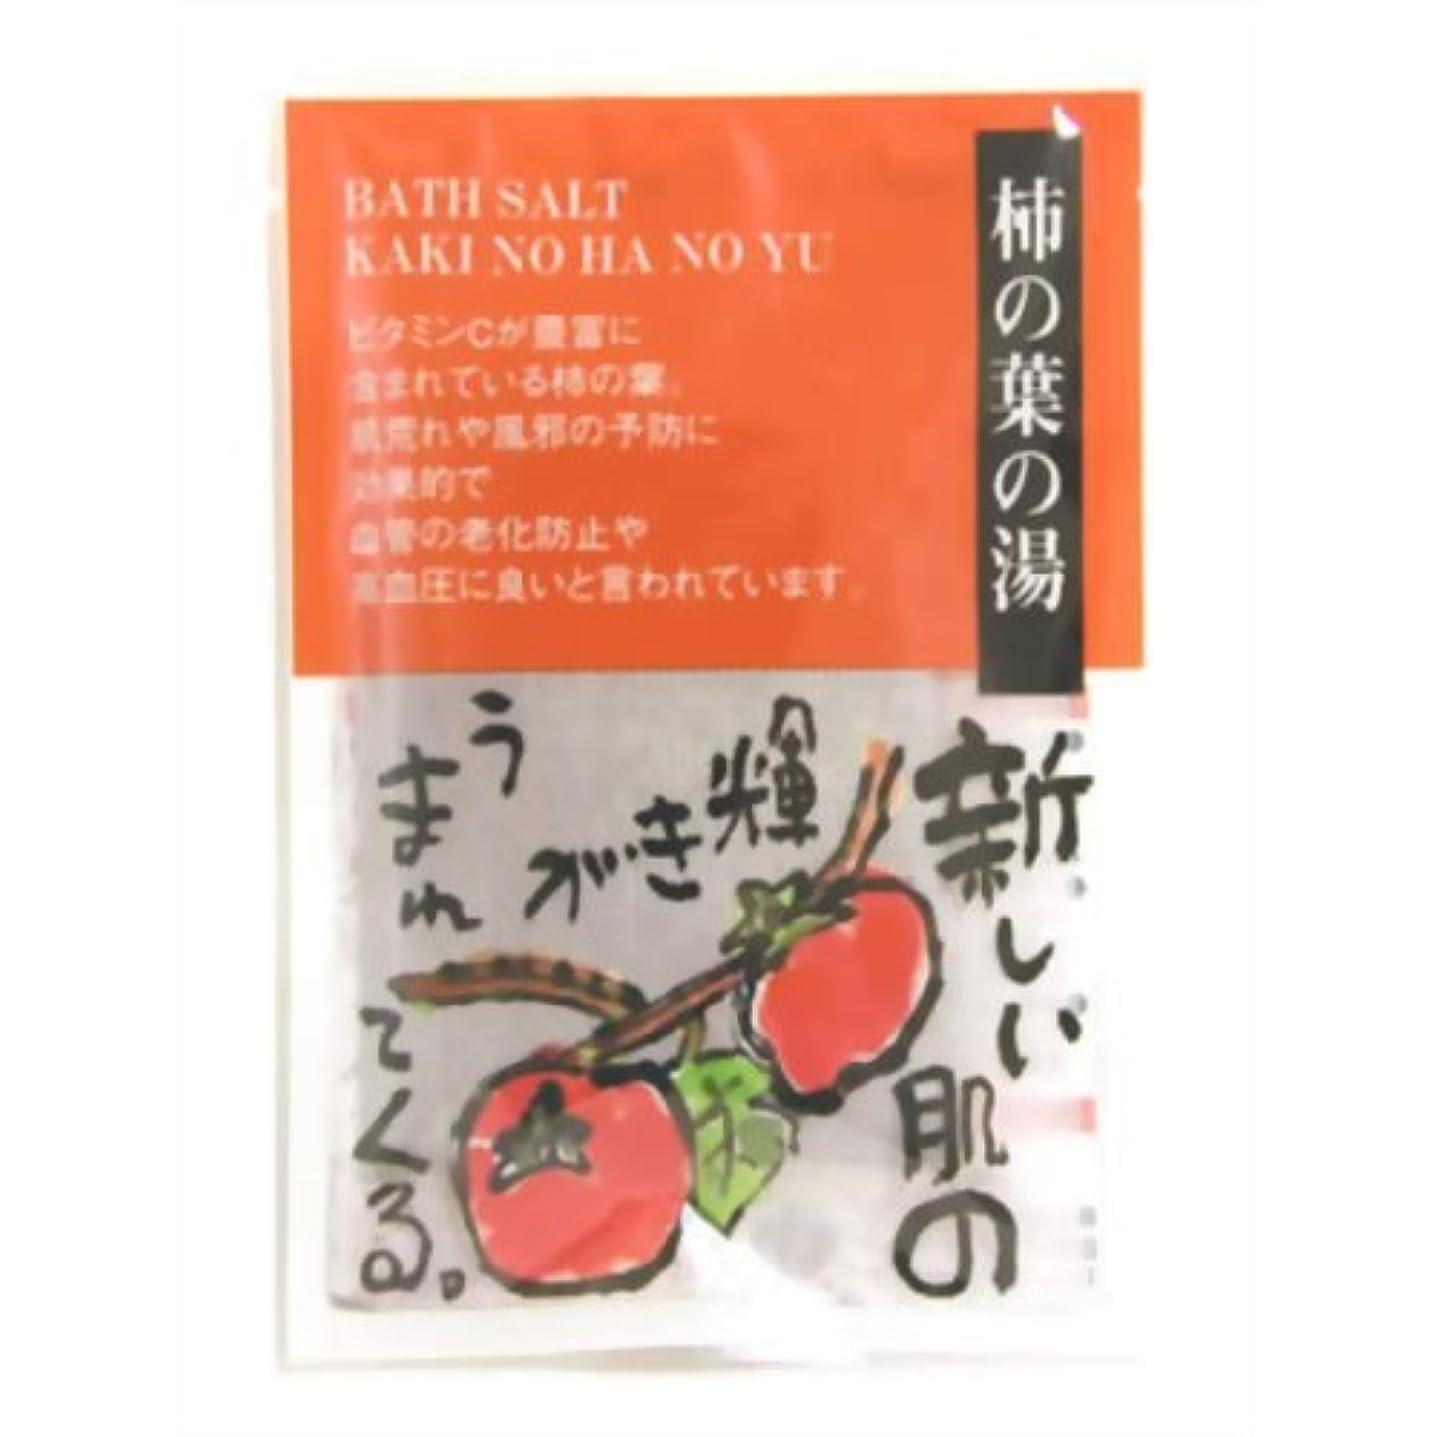 パドルラリーベルモントパターン和漢の湯 やすらぎ便り 柿の葉の湯(ティーバッグタイプ)(入浴剤 ハーブ)